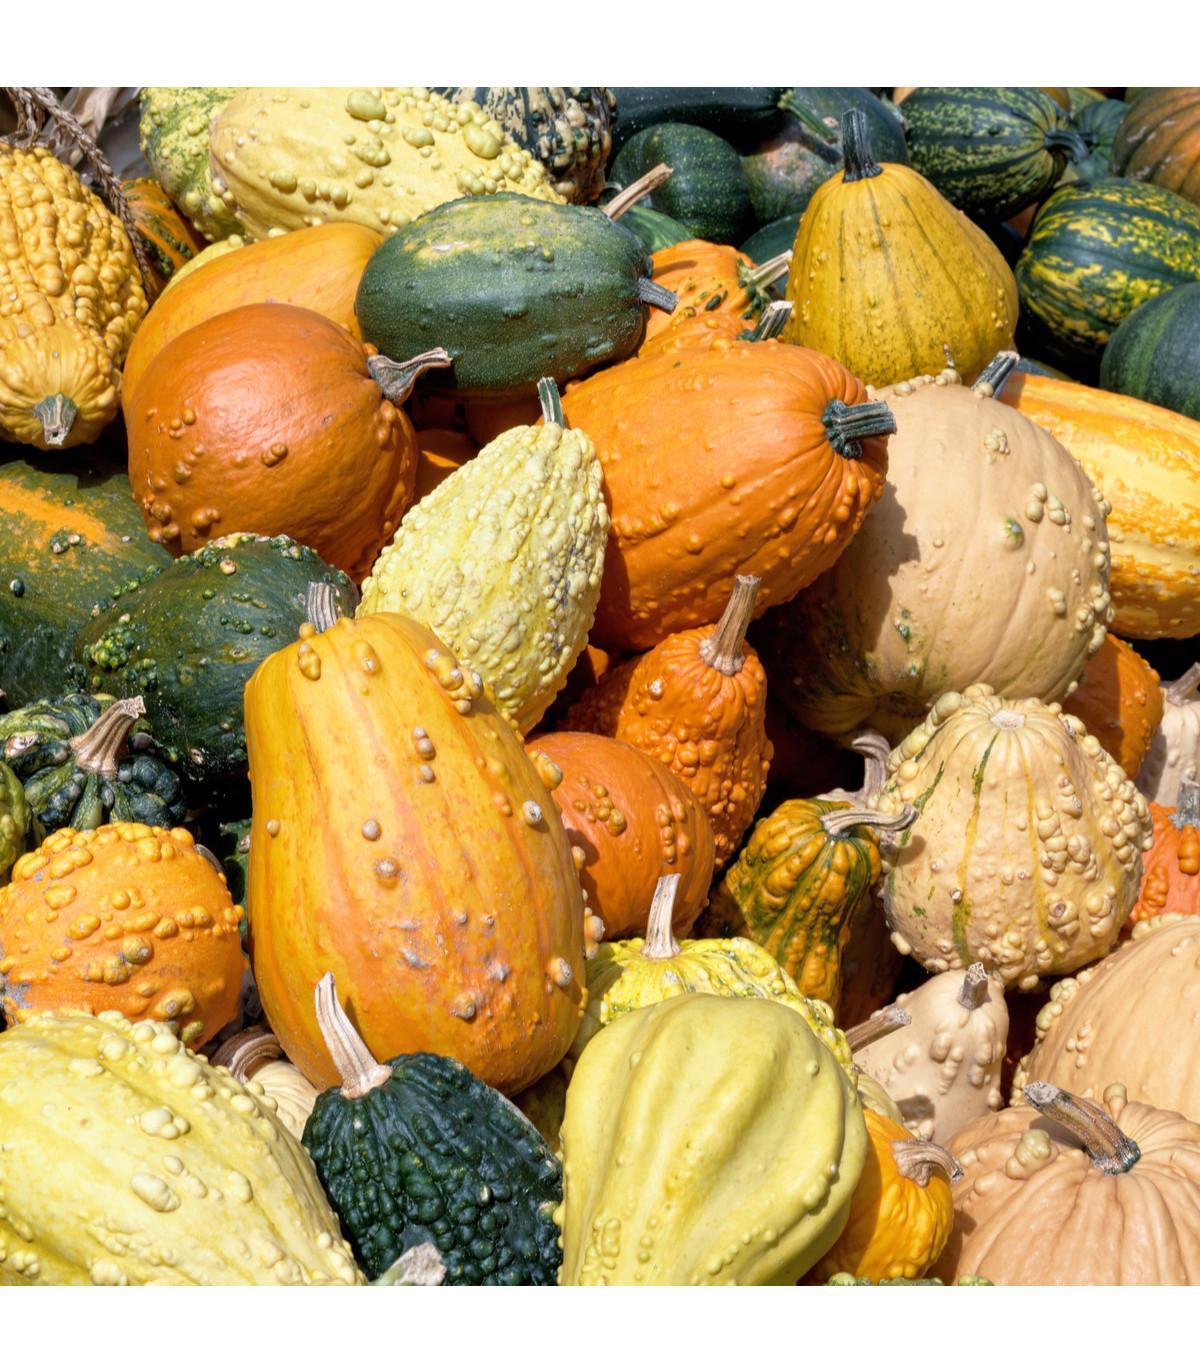 Okrasné tykvičky velkoplodé - směs - prodej semen tykviček - 25 ks